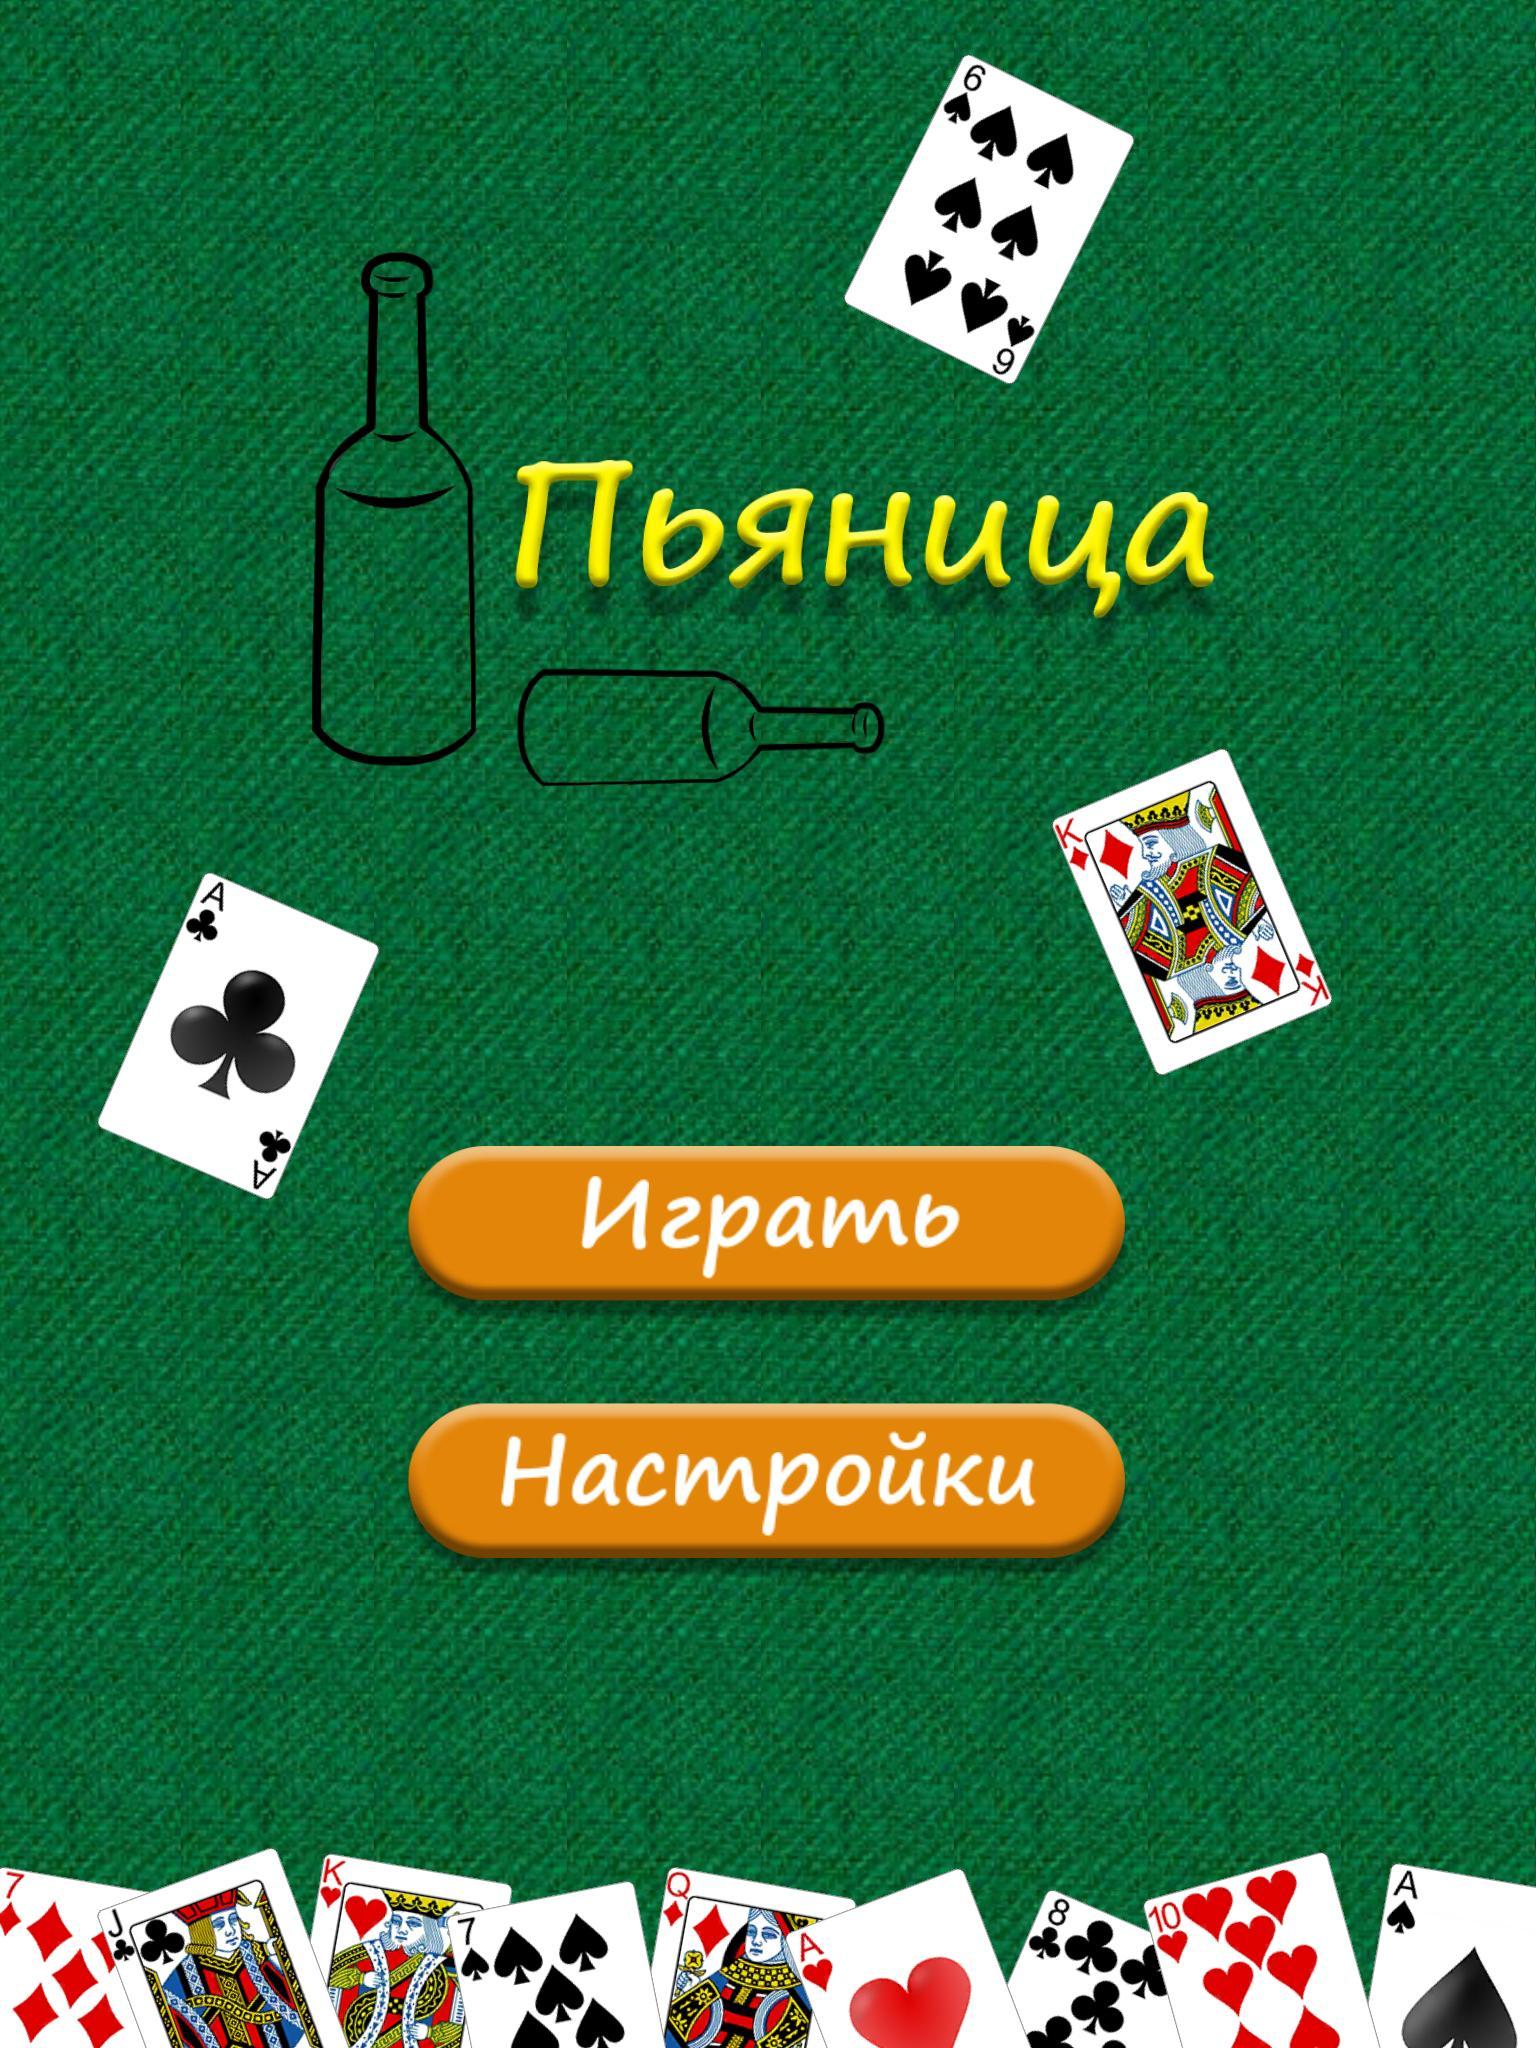 бесплатно карты играть пьяницу компьютером в с играть в